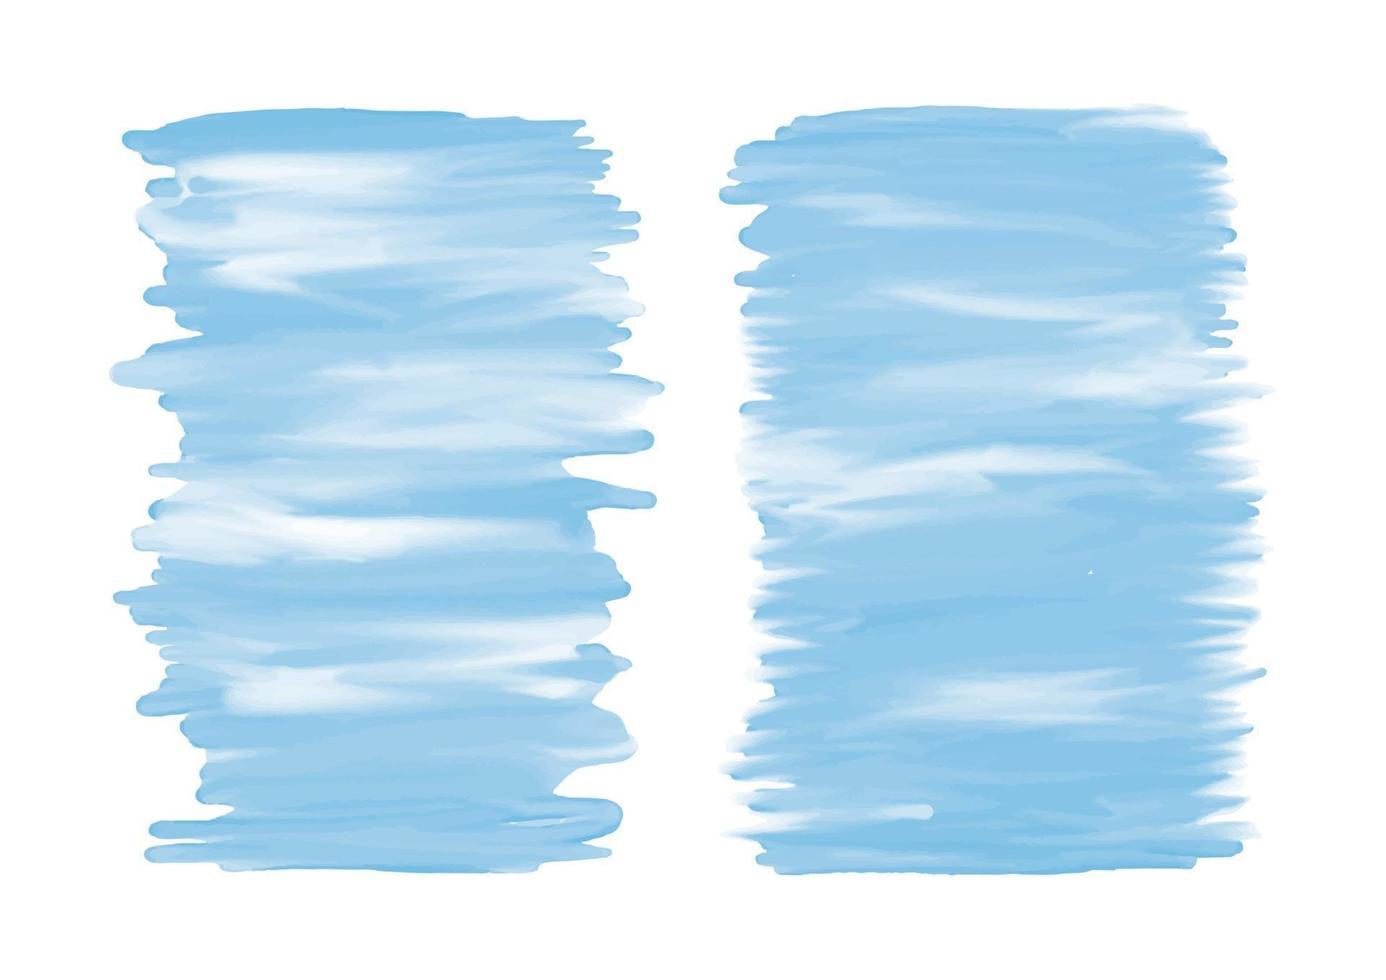 blaues Aquarellpinsel-Strichbanner auf weißer Hintergrundvektorillustration vektor